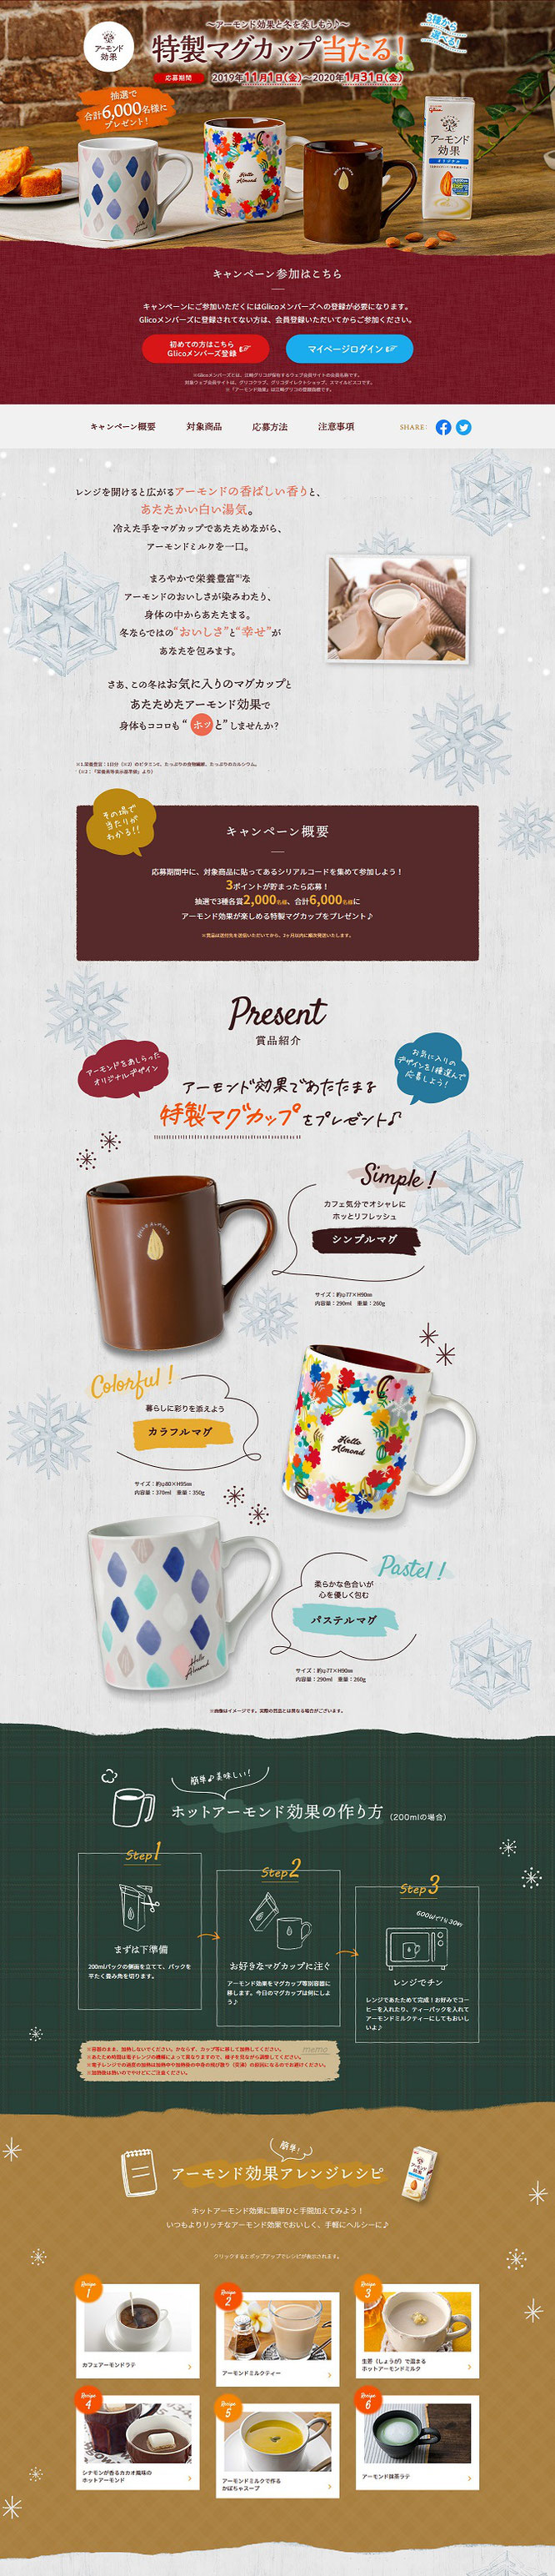 【グリコ】アーモンド効果 特製マグカップが当たるキャンペーン